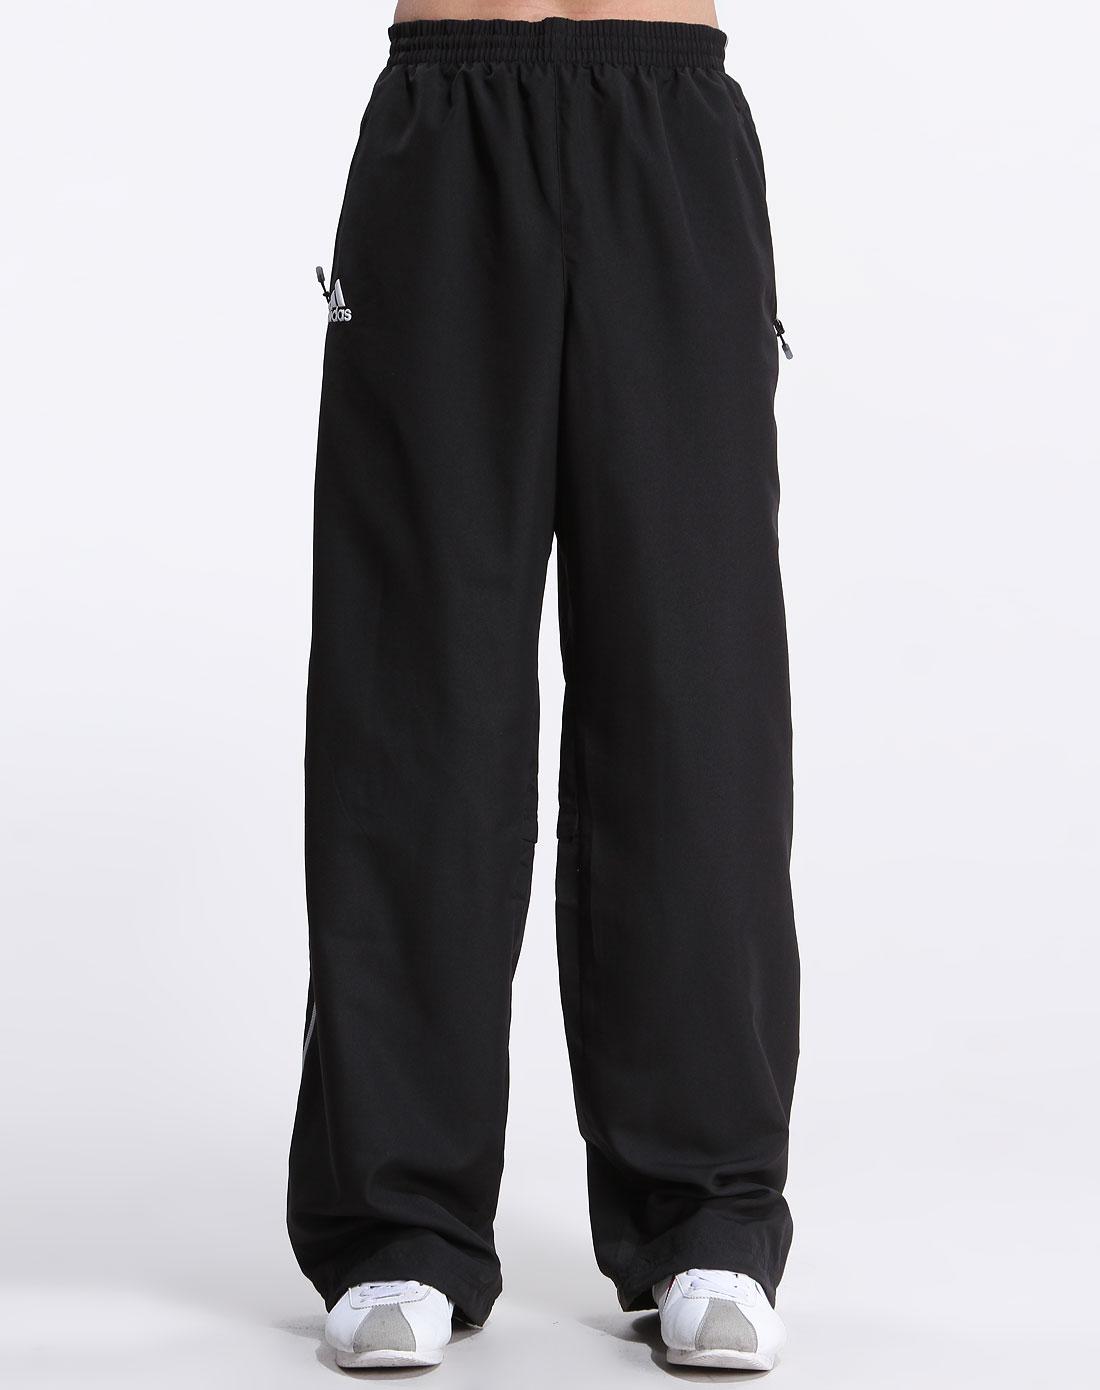 黑色运动条纹长裤